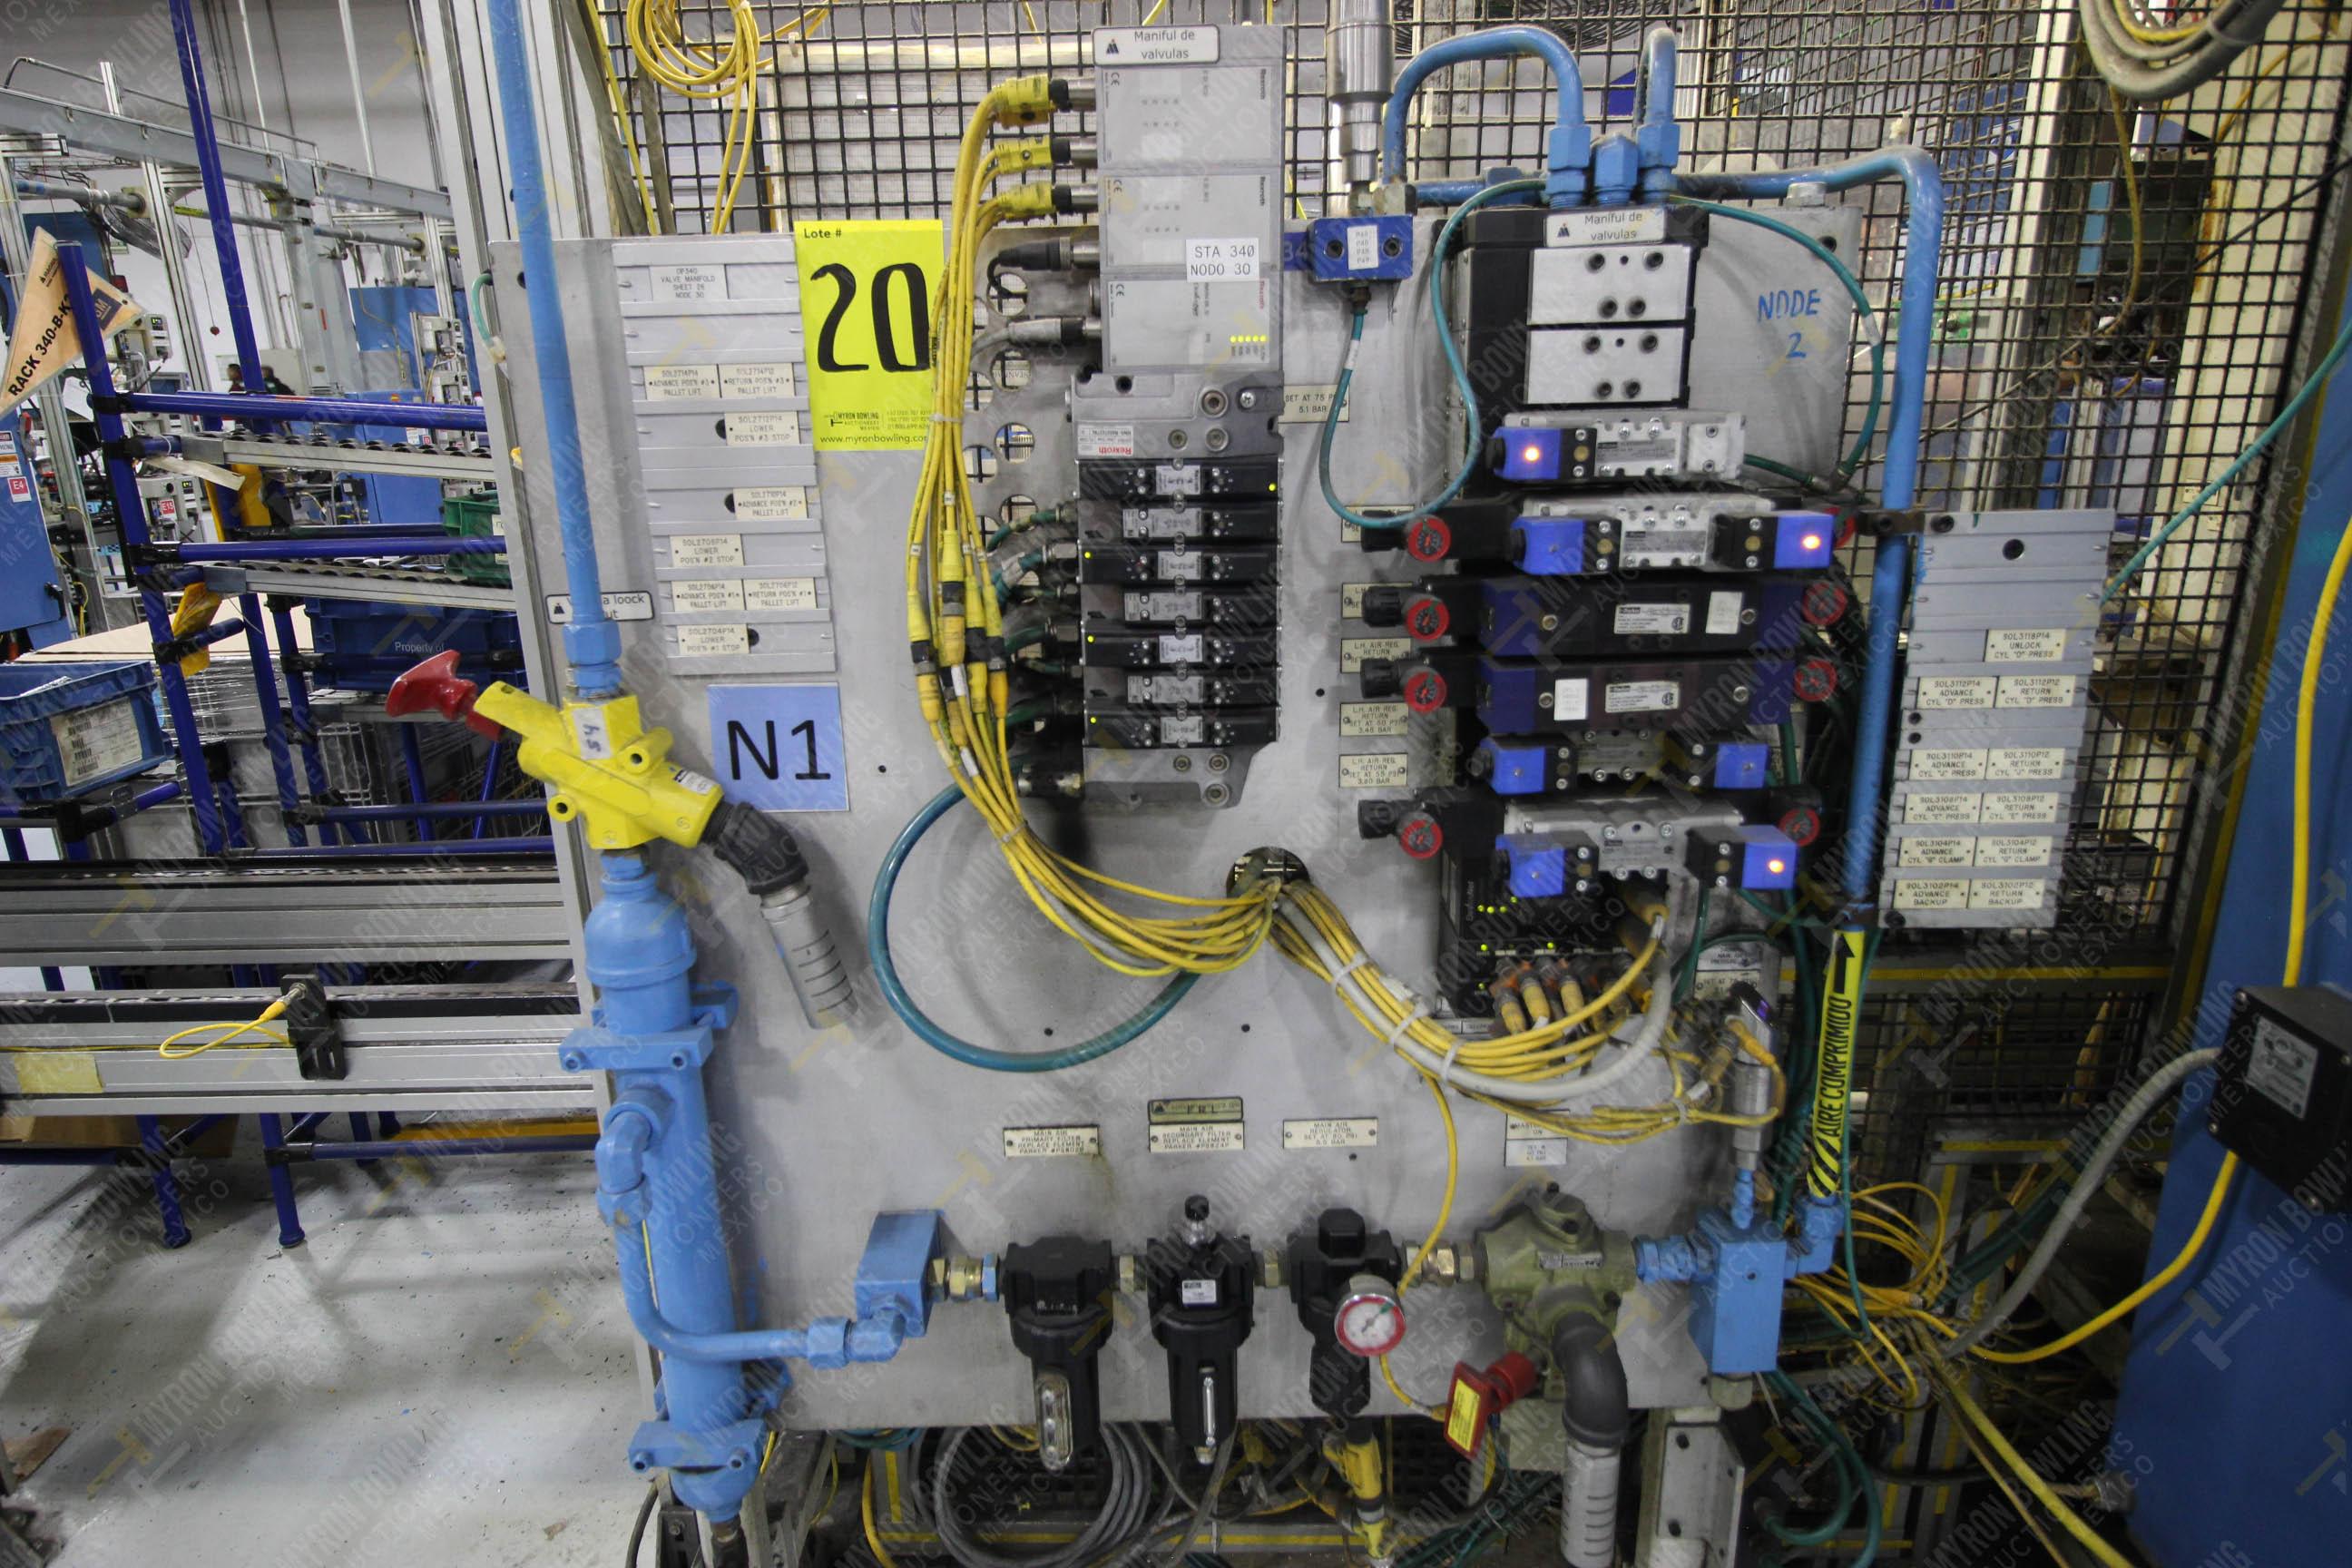 Estación semiautomática para operación 340, contiene: Prensa en estructura de placa de acero - Image 20 of 32